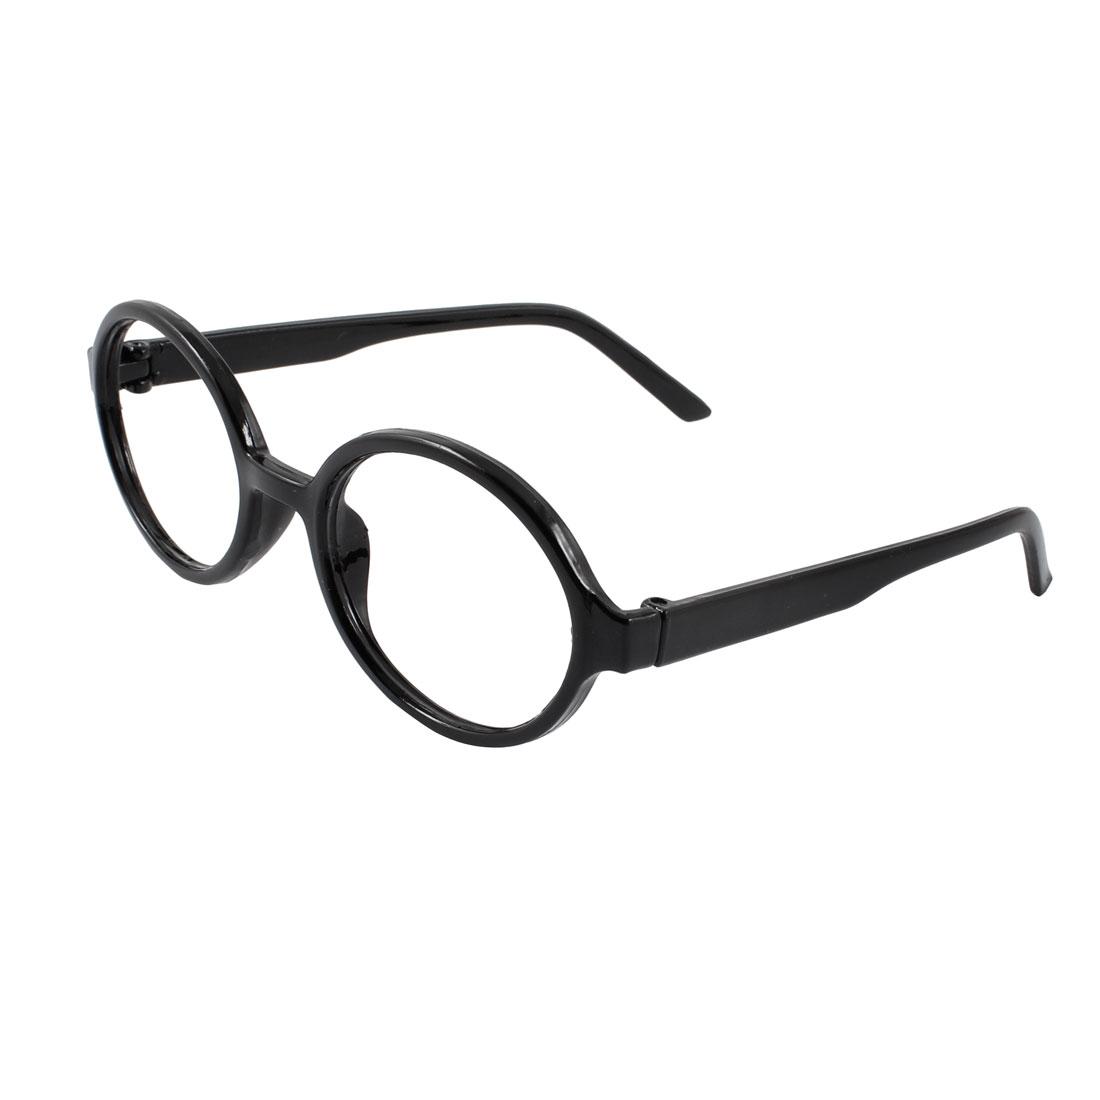 Black Plastic Full Rimmed Ellipse Spectacles Glasses Eyeglasses Frame